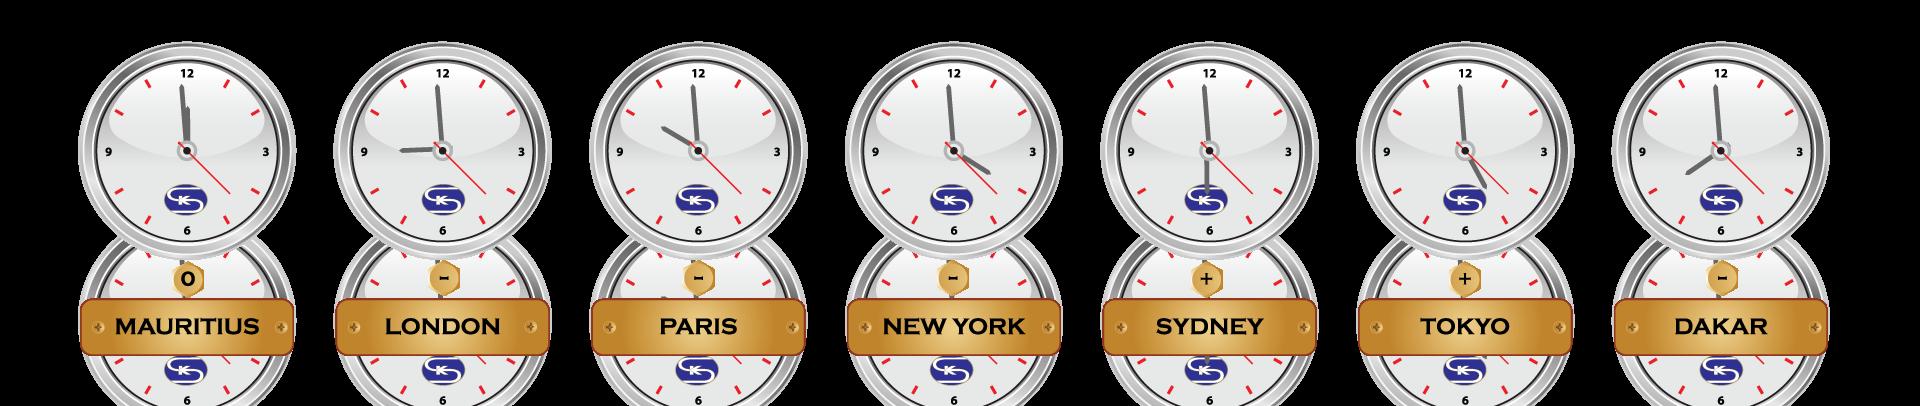 2020-09-17-Clocks-Shevani